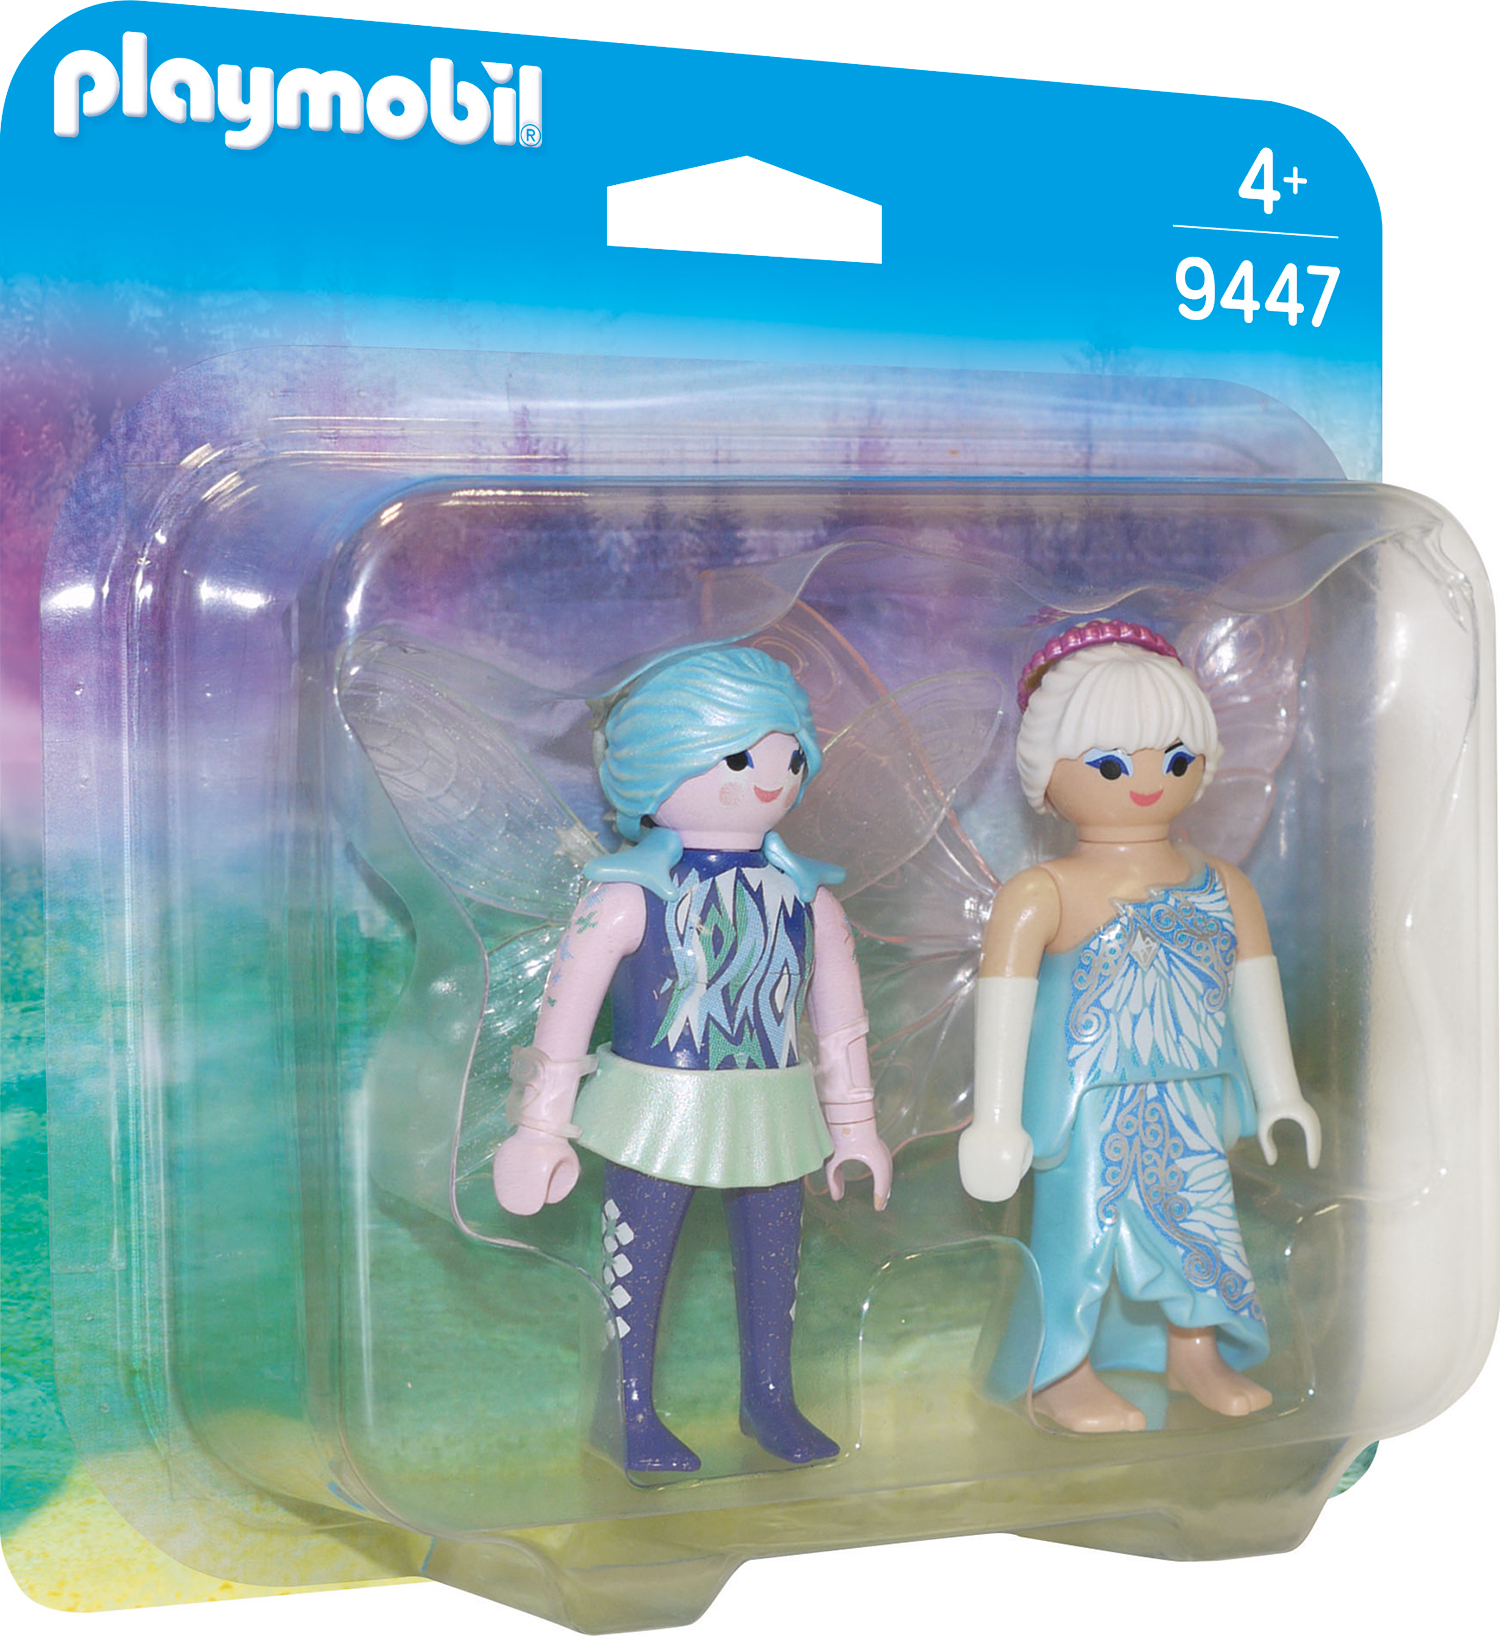 Zanele iernii set 2 figurine playmobil